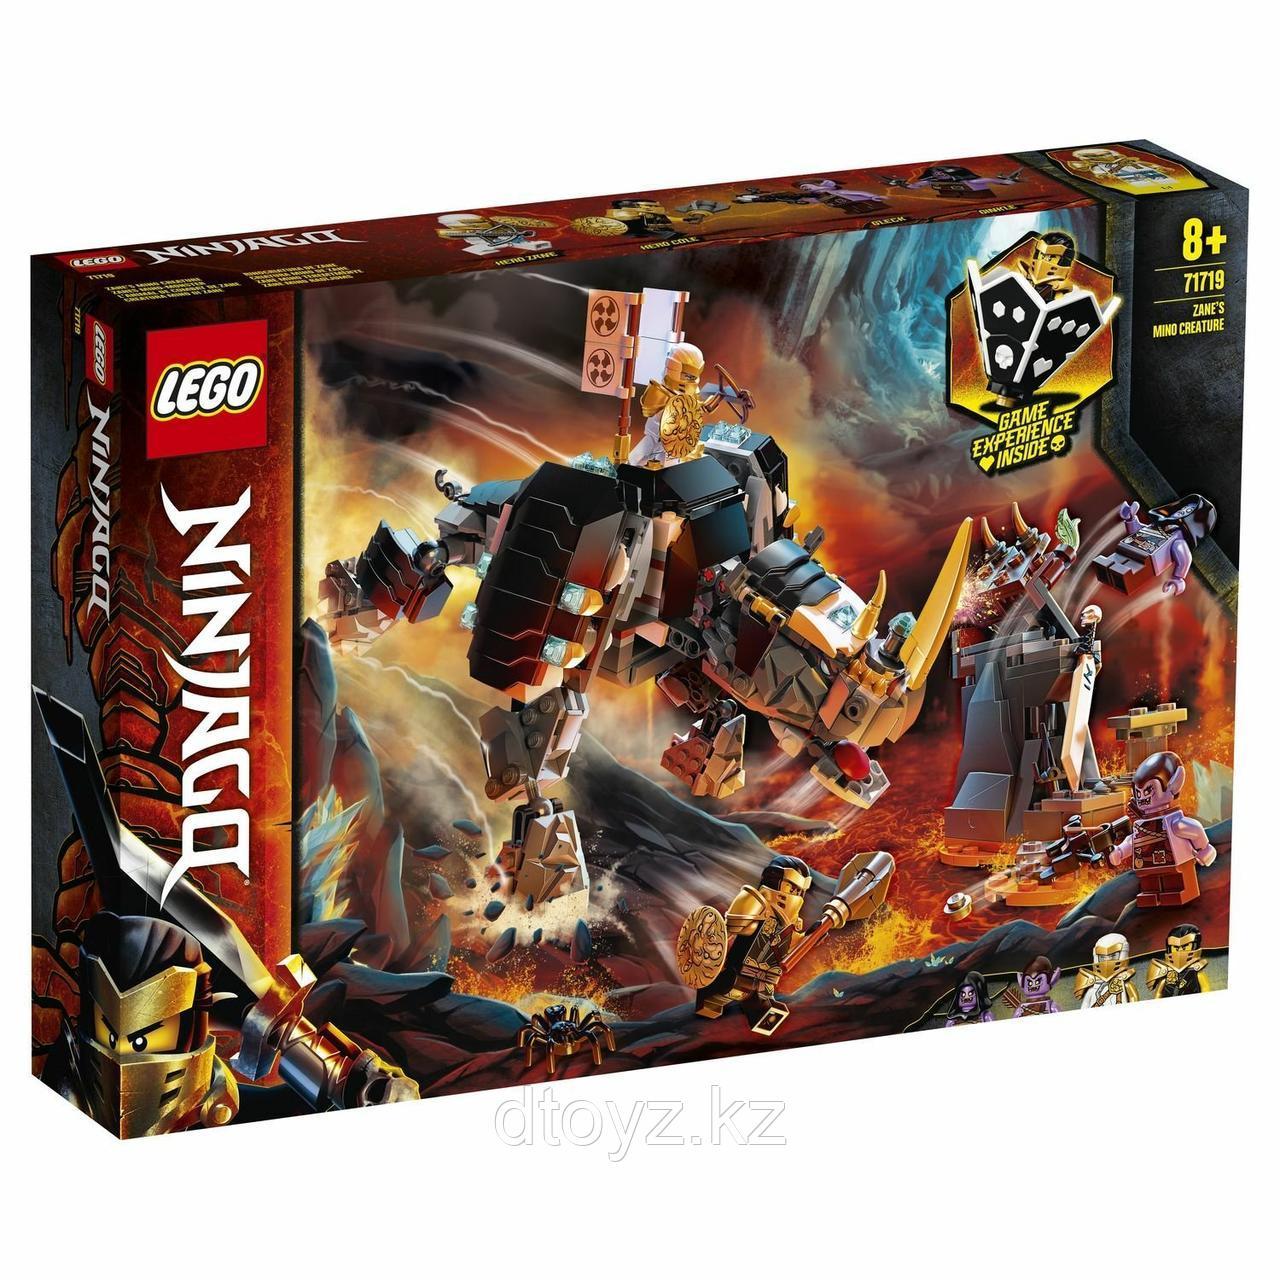 Lego Ninjago 71719 Бронированный носорог Зейна